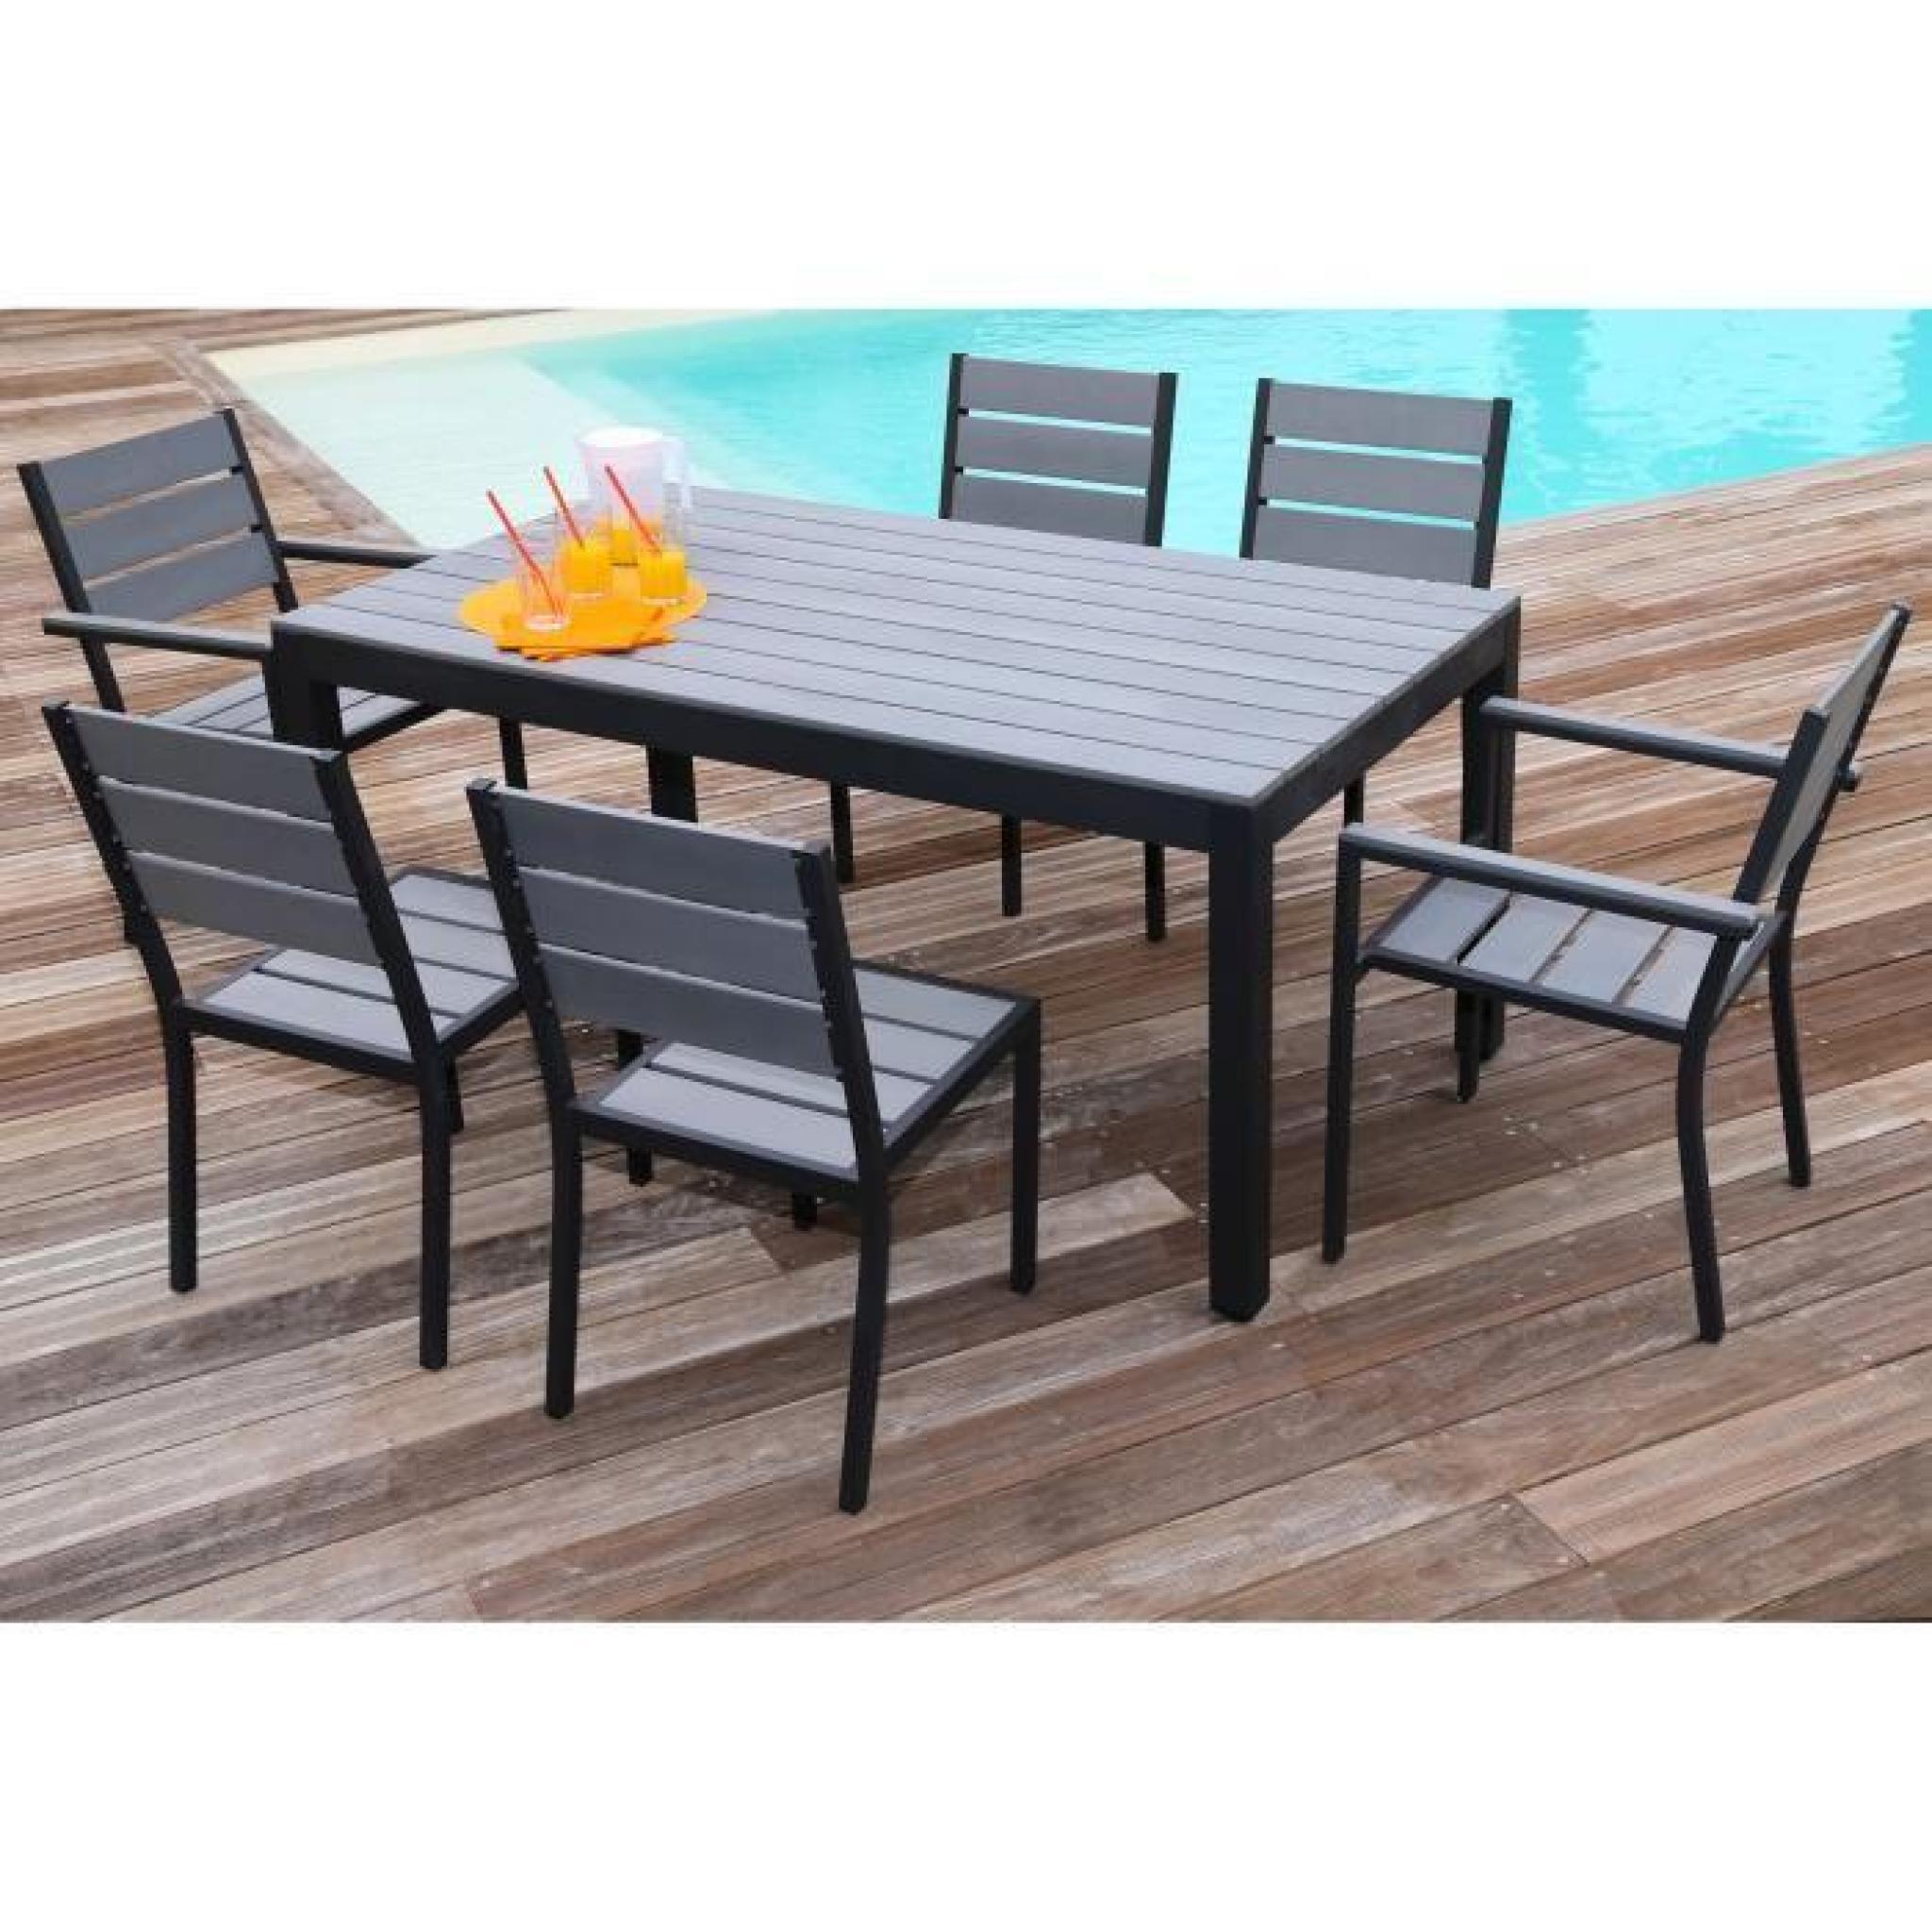 Floride Ensemble Table De Jardin 160 Cm + 2 Fauteuils + 4 Chaises Aluminium  Et Polywood Gris concernant Ensemble Table Et Chaise De Jardin En Resine Pas Cher